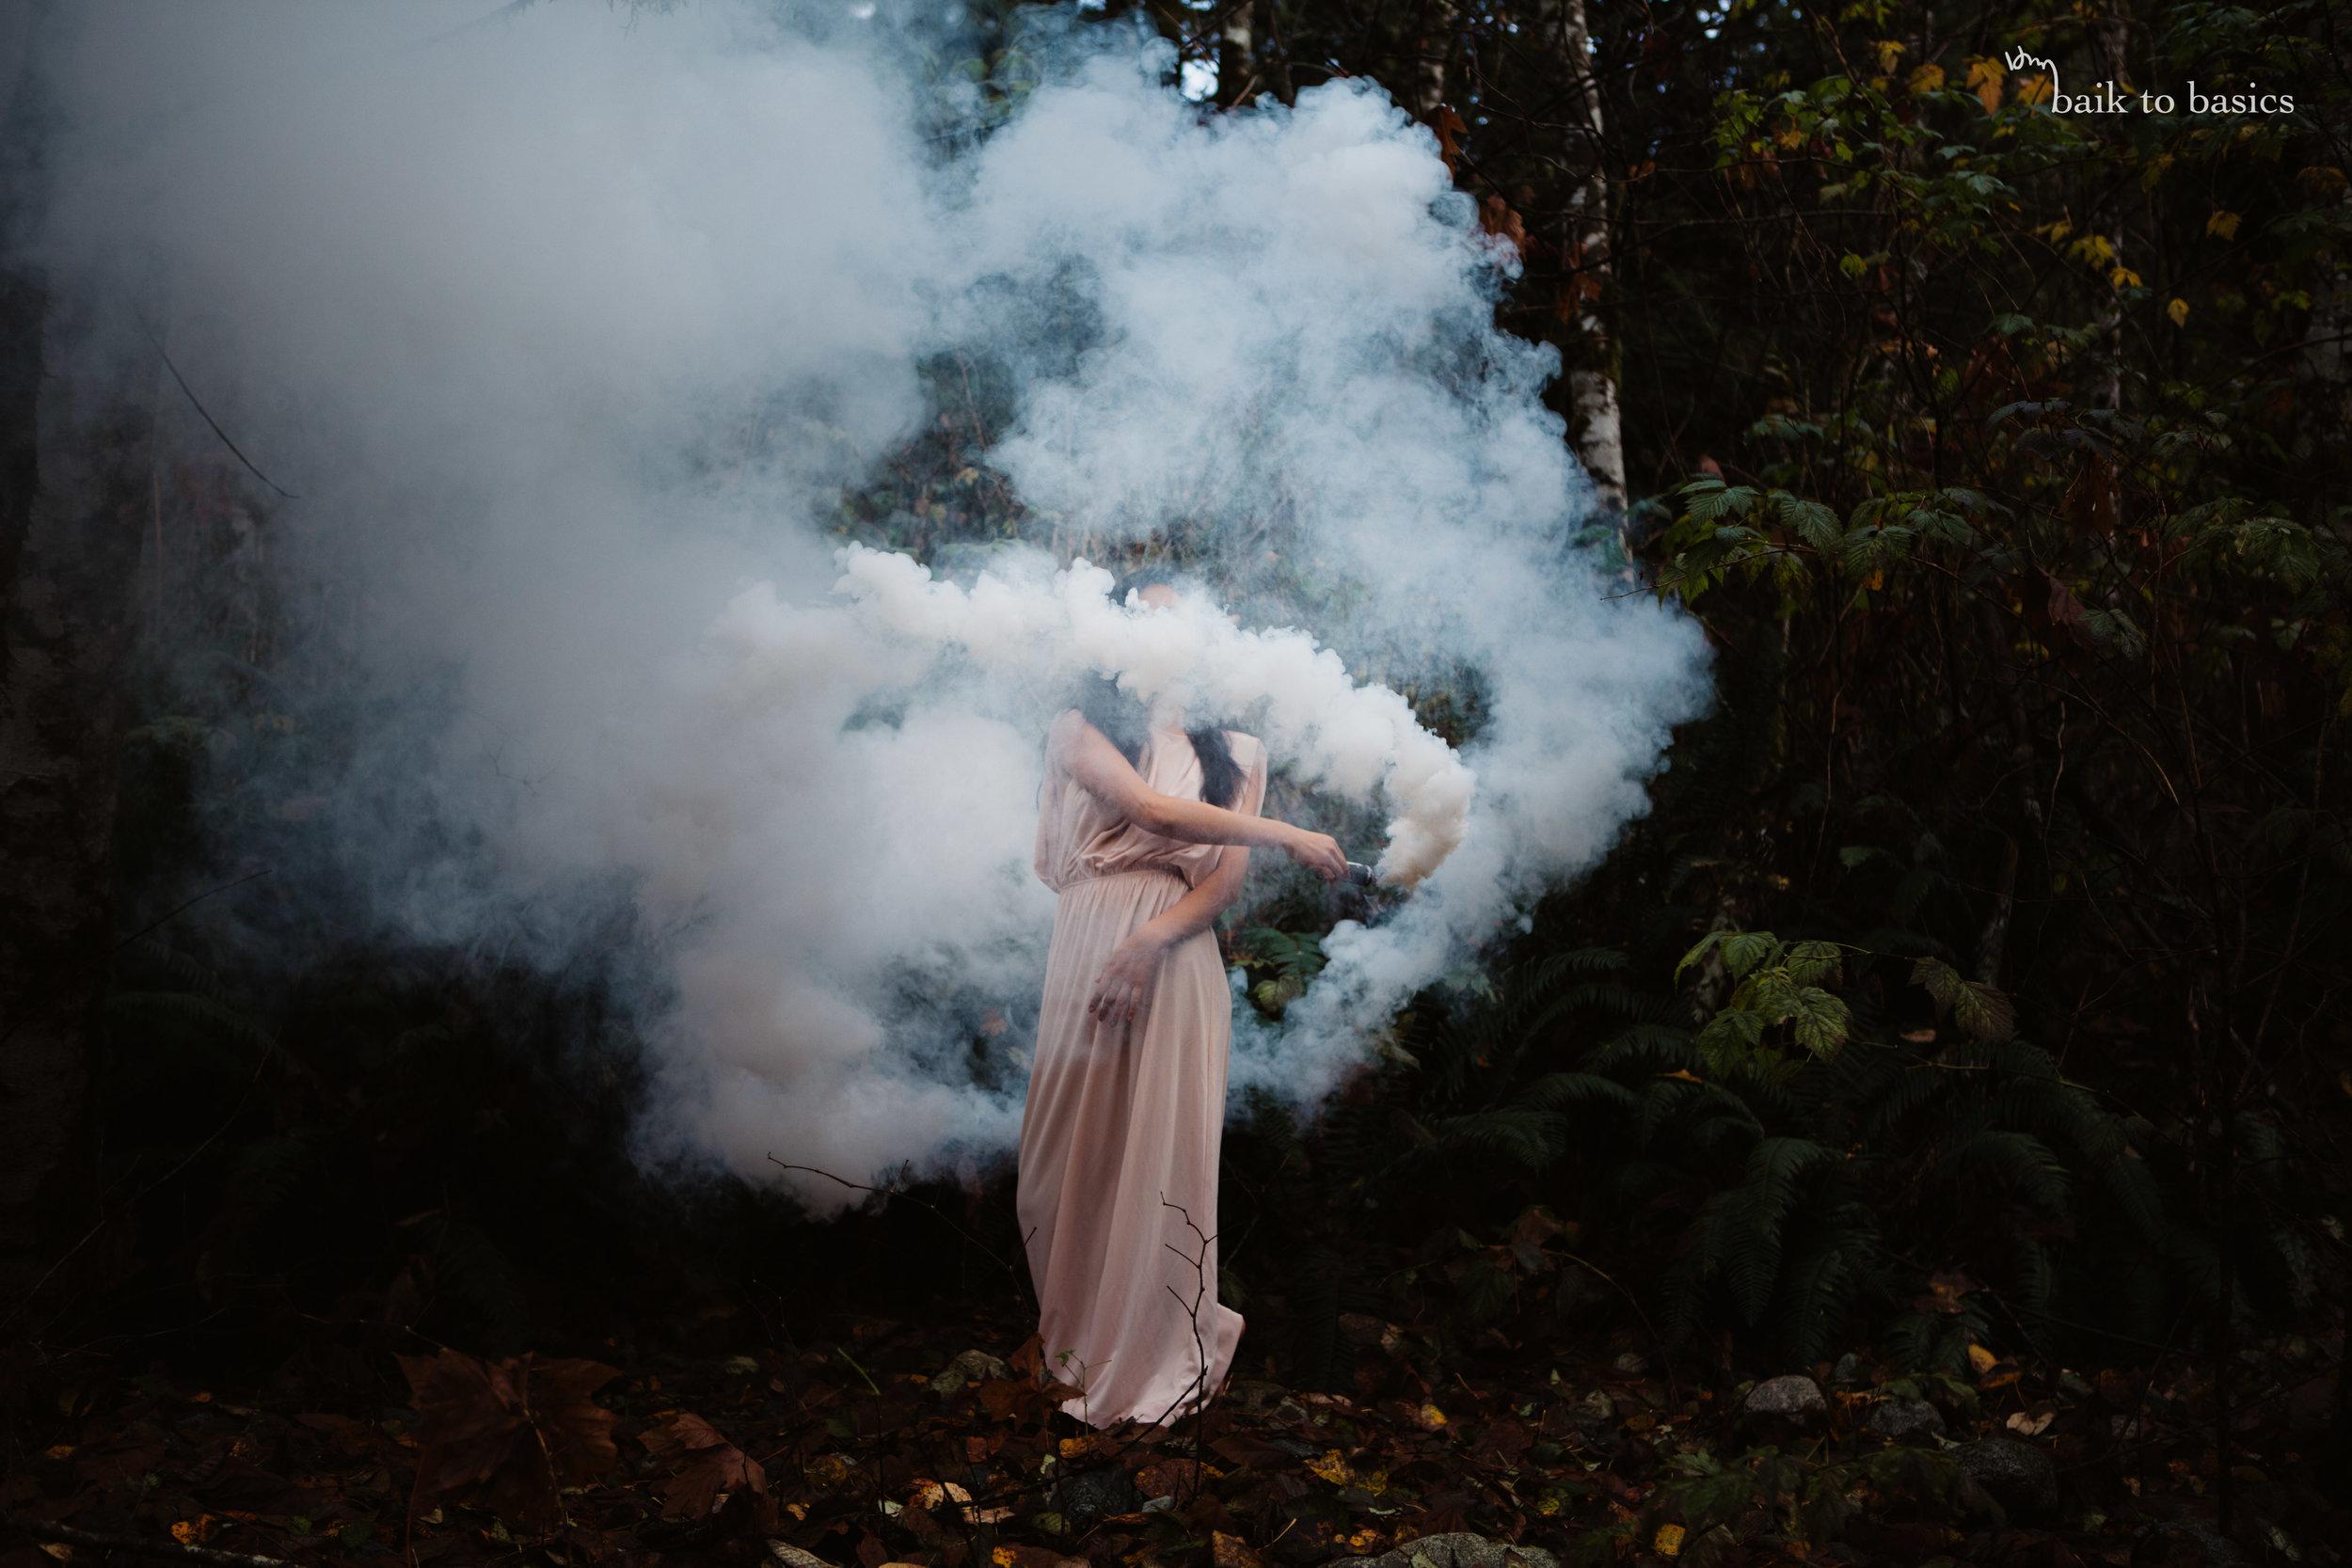 enchanted-photoshoot-smokebomb-5